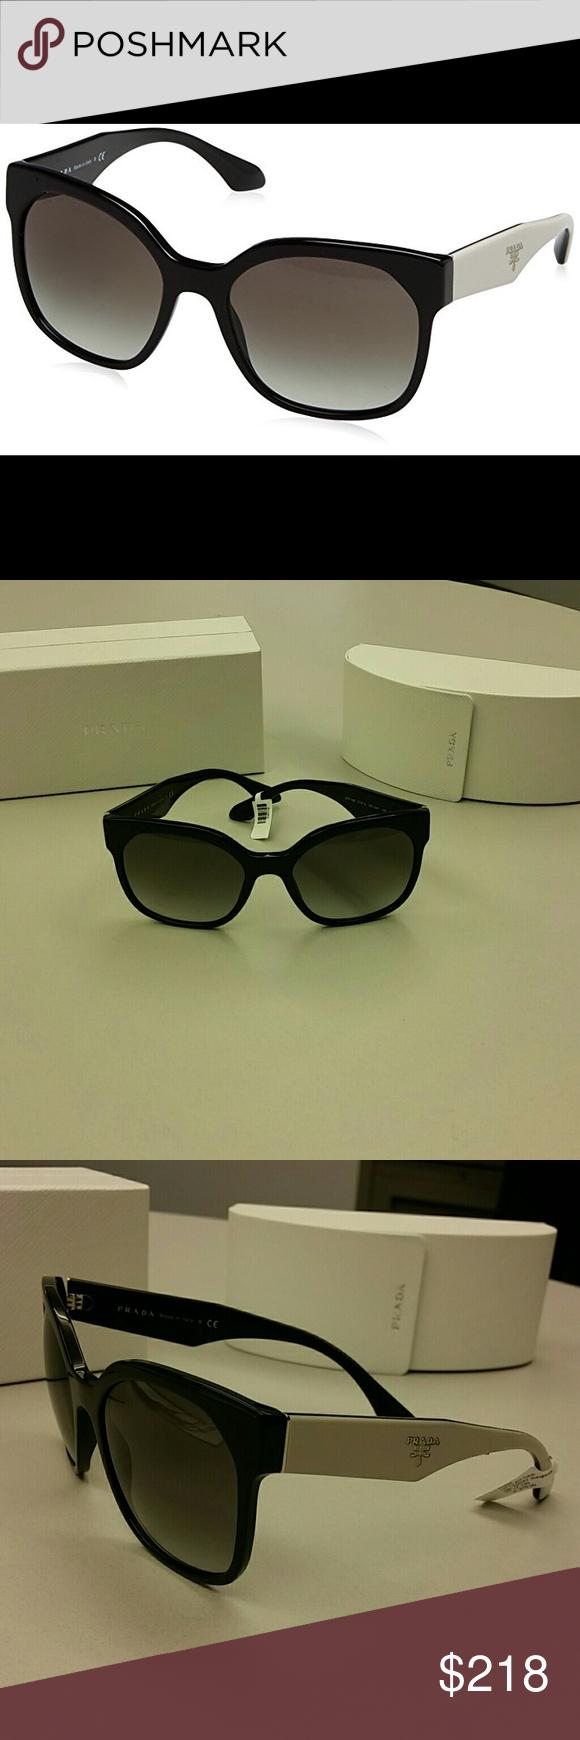 2b90f2798f5b ... shopping host pick prada black sunglasses w white side 9bae5 0aec4